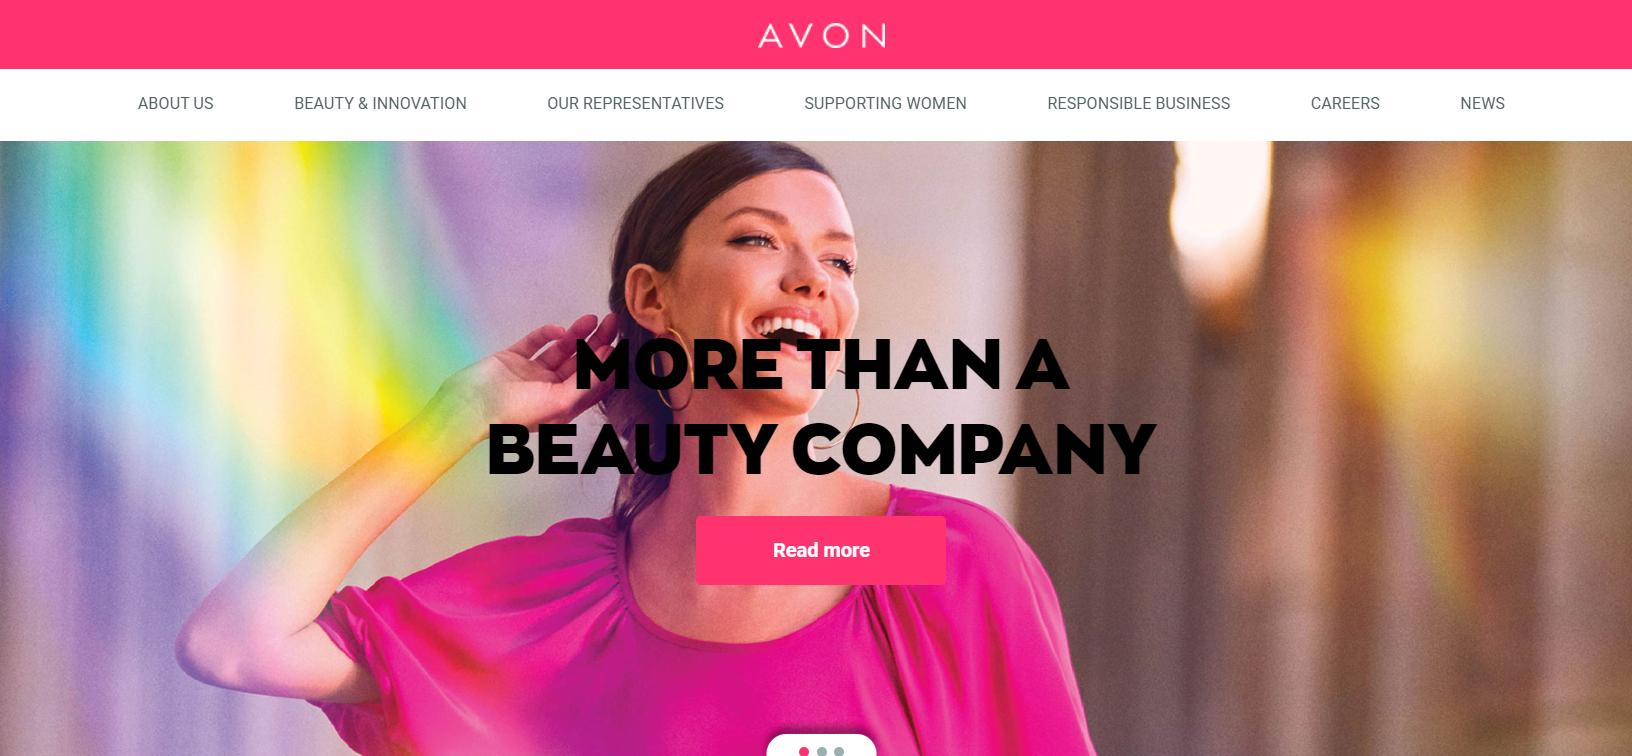 avon company review